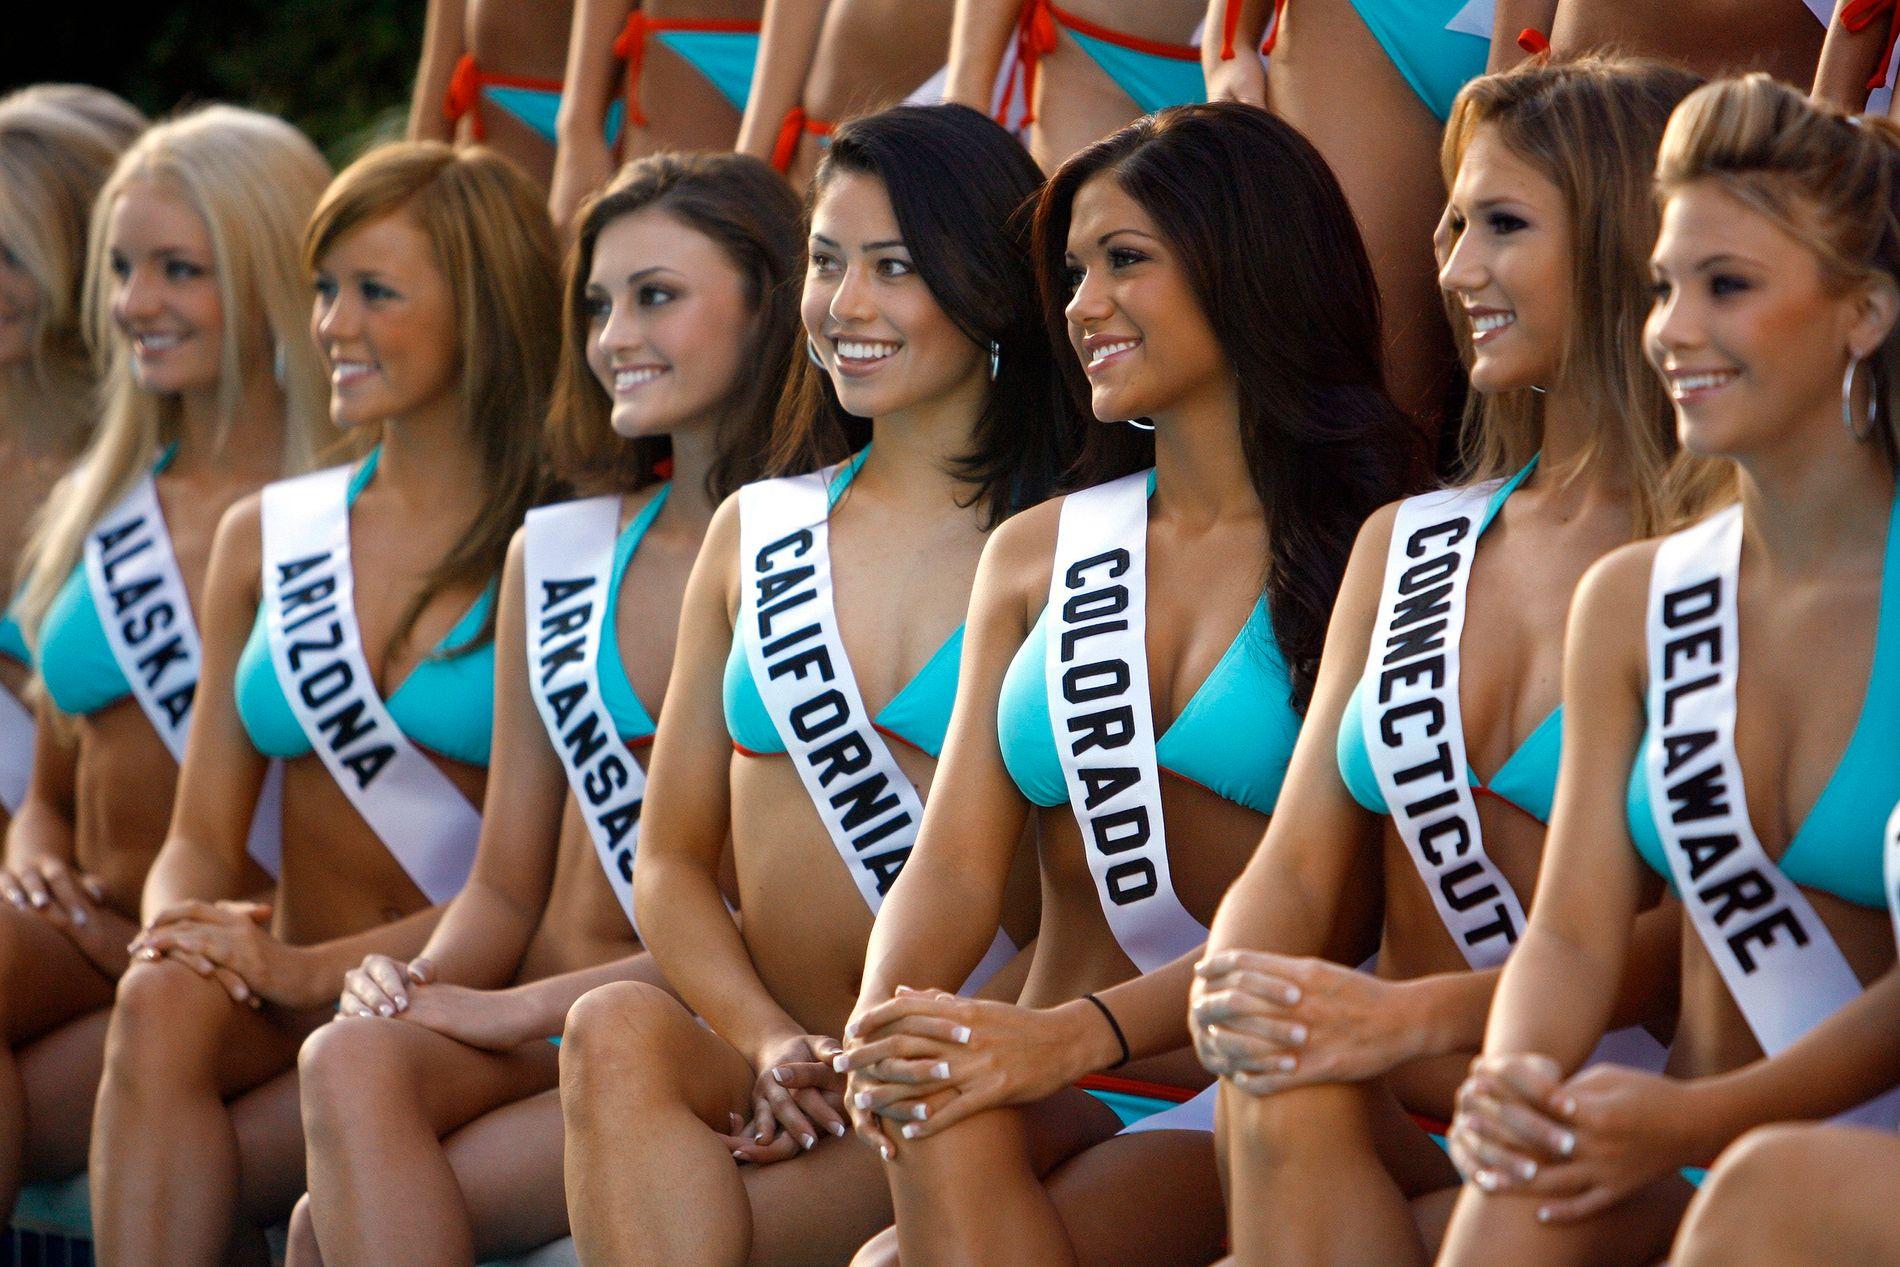 SLUTT: Deltagere i Miss Teen USA for noen år tilbake. Heretter slipper tenåringsjentene å posere sånn.